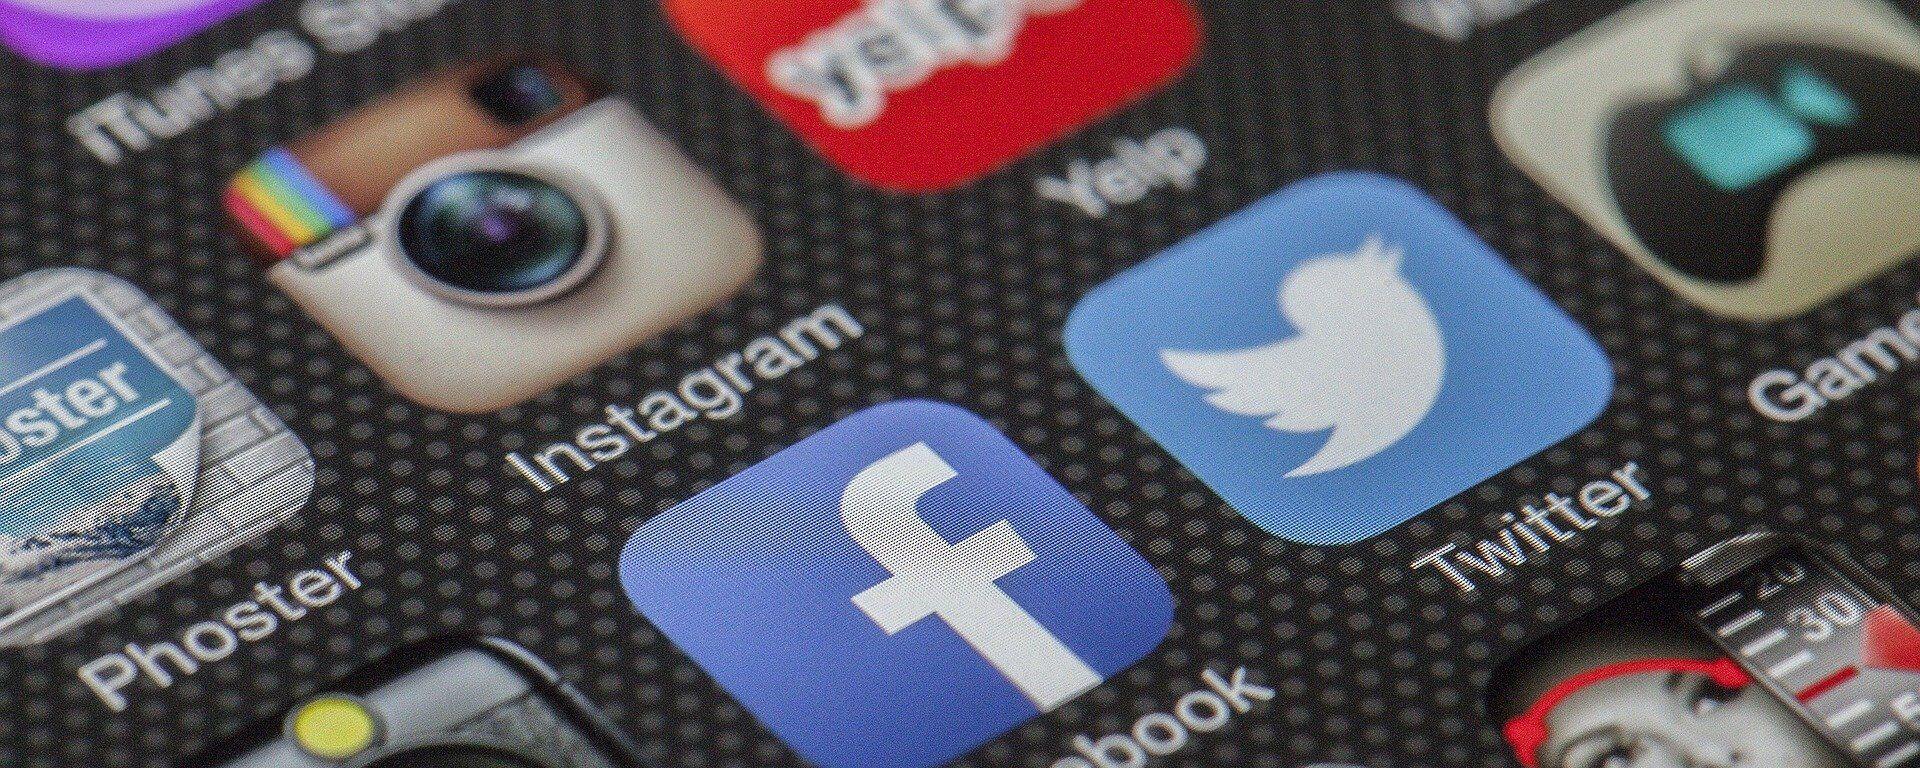 El logo de Instagram y Facebook - Sputnik Mundo, 1920, 17.02.2021